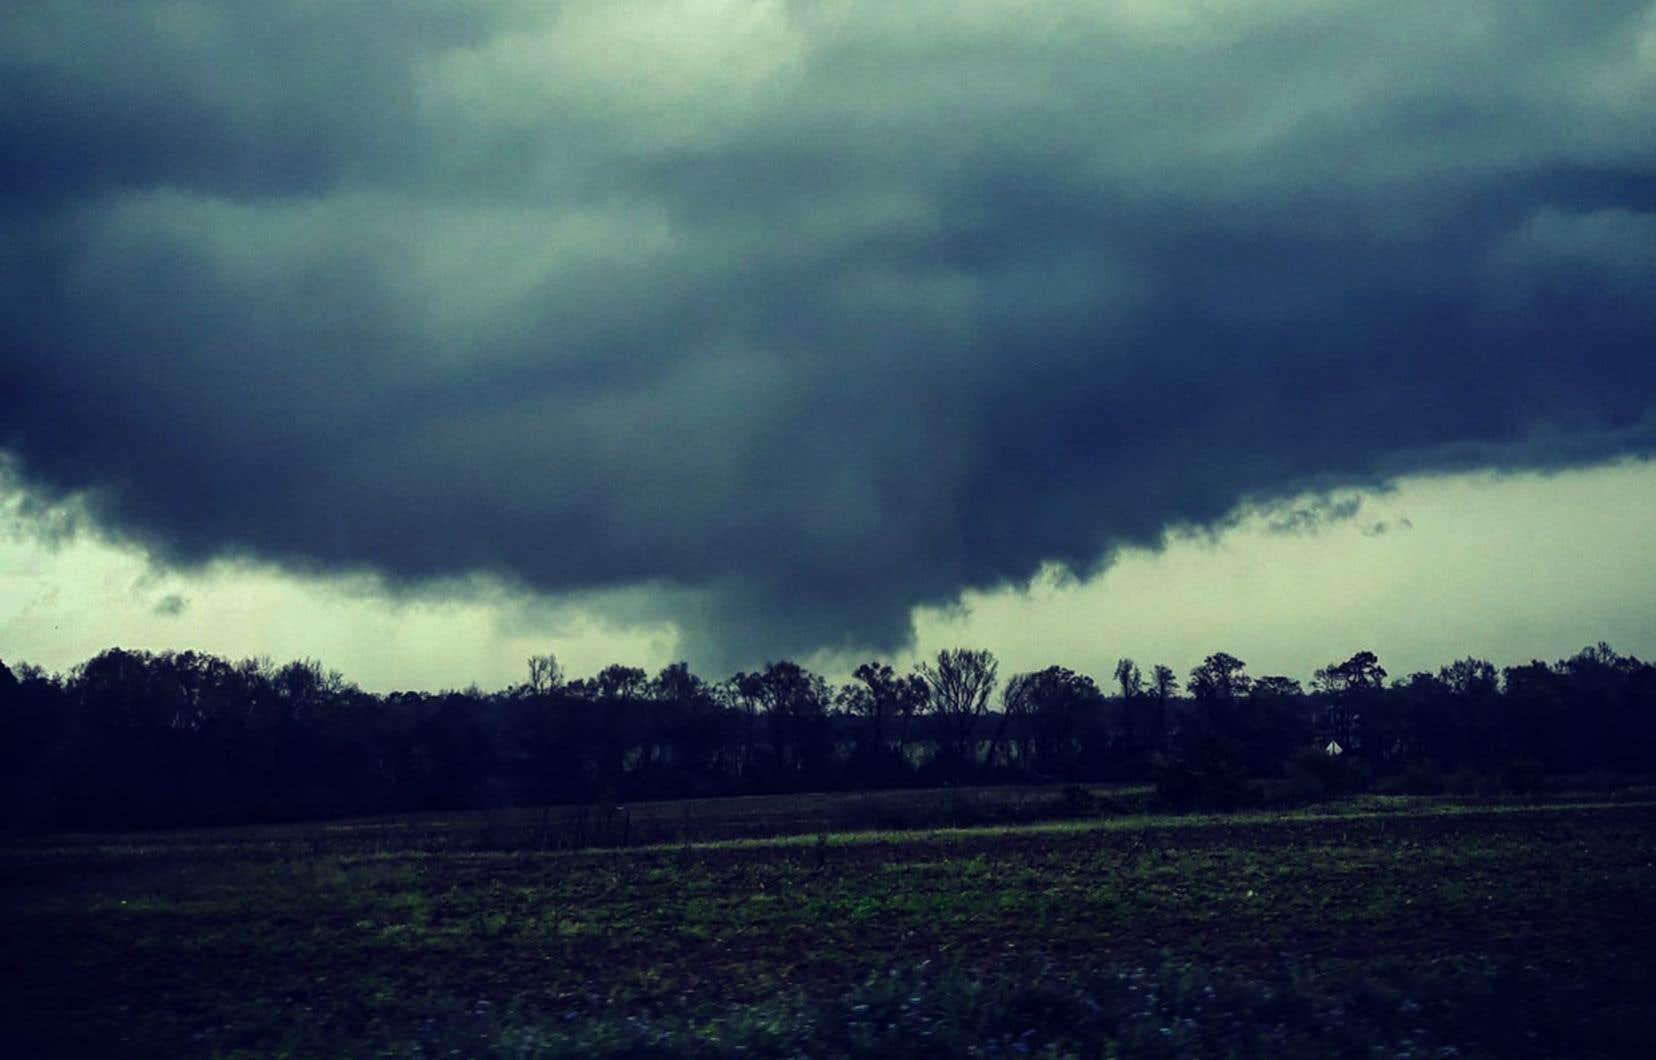 Selon le shérif du comté de Lee,la tornade a parcouru plusieurs kilomètres et provoqué des destructions «catastrophiques» sur un rayon de 400 mètres tout le long de sa trajectoire.